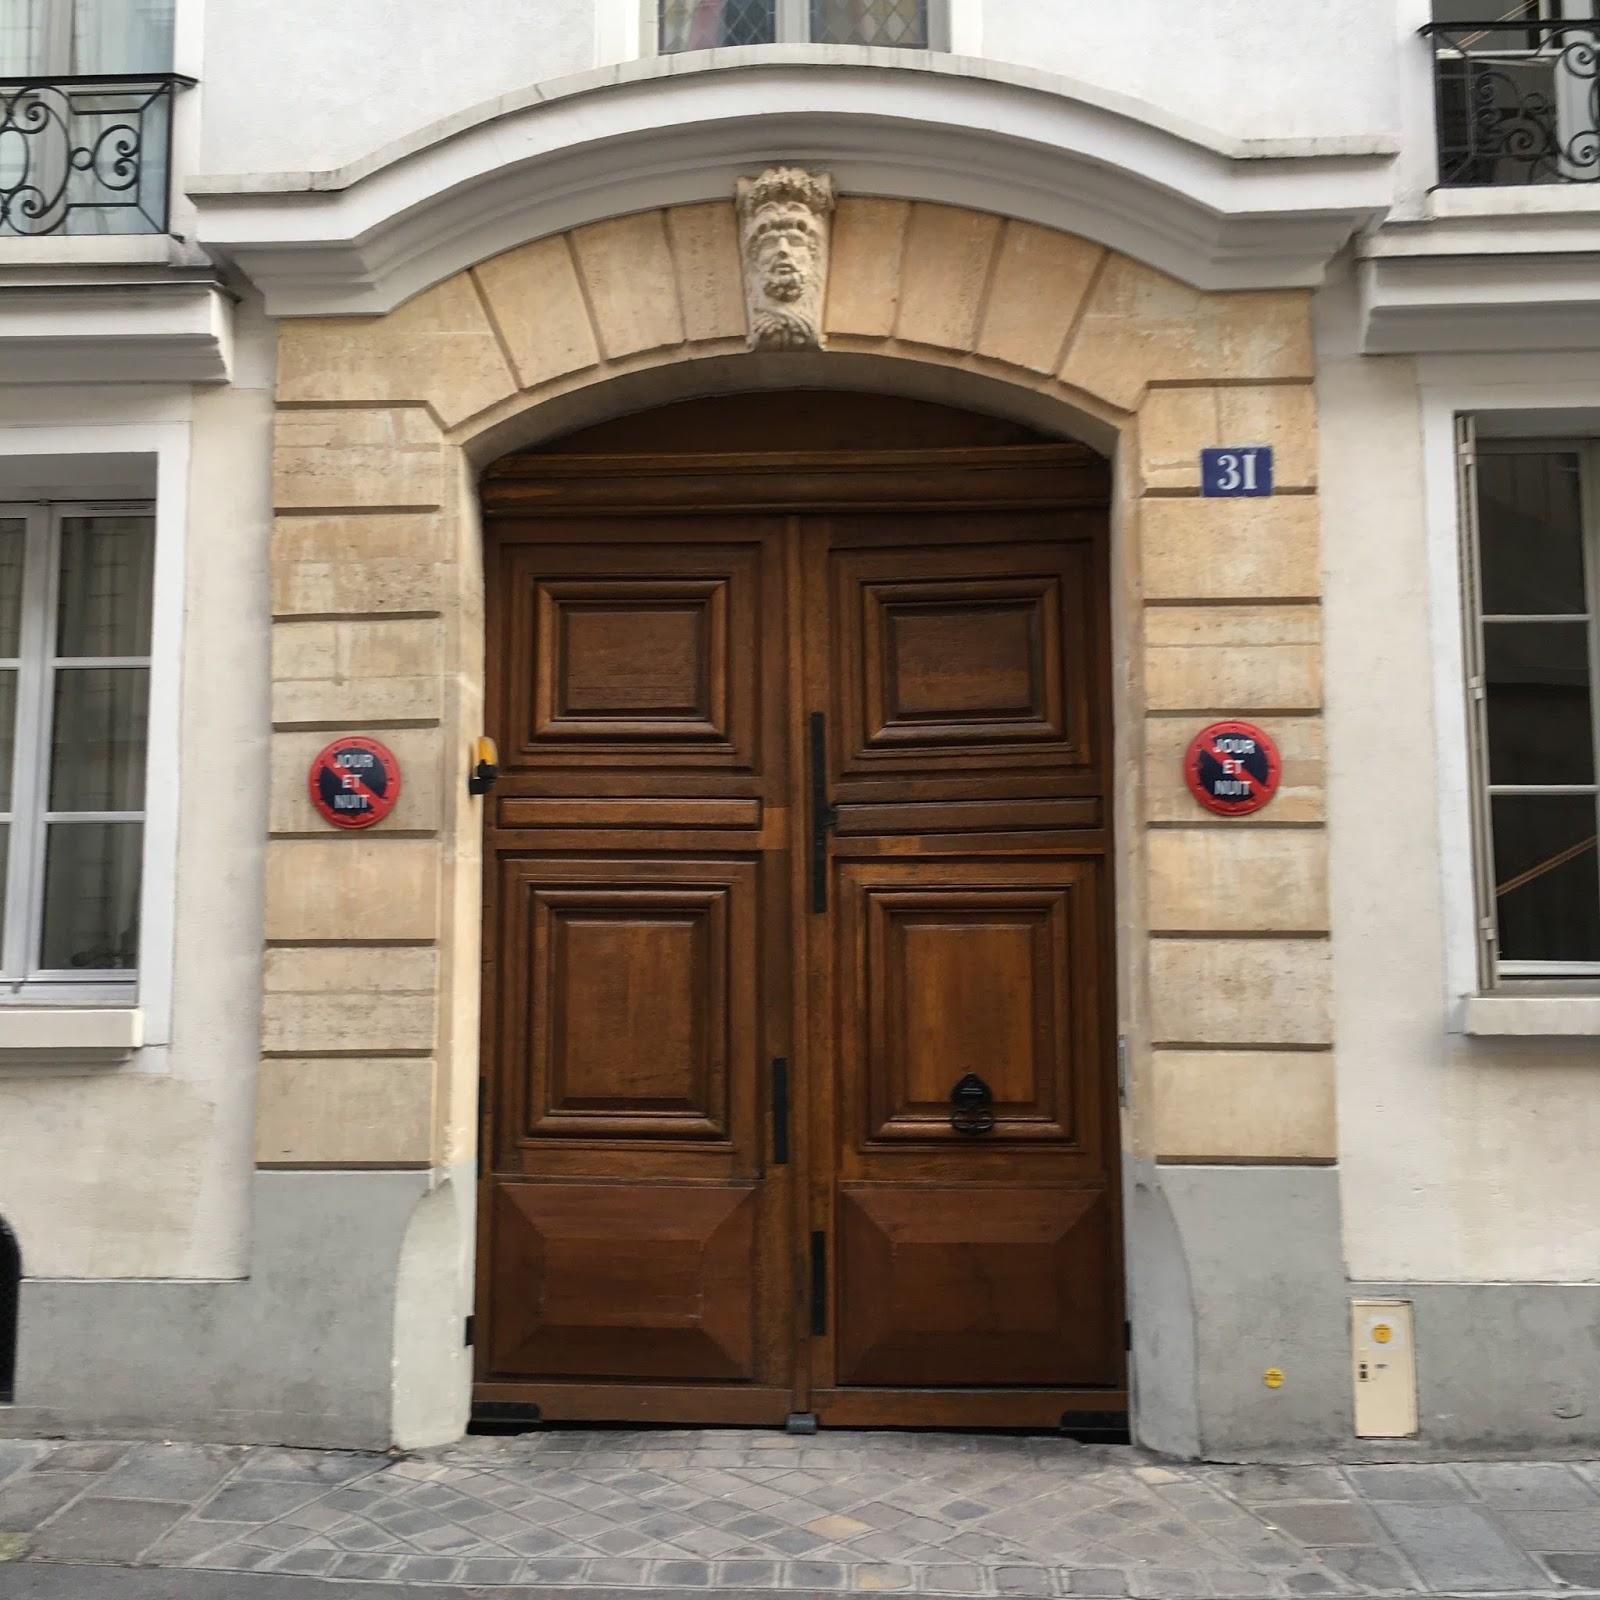 the rue saint guillaume facade of the maison de verre